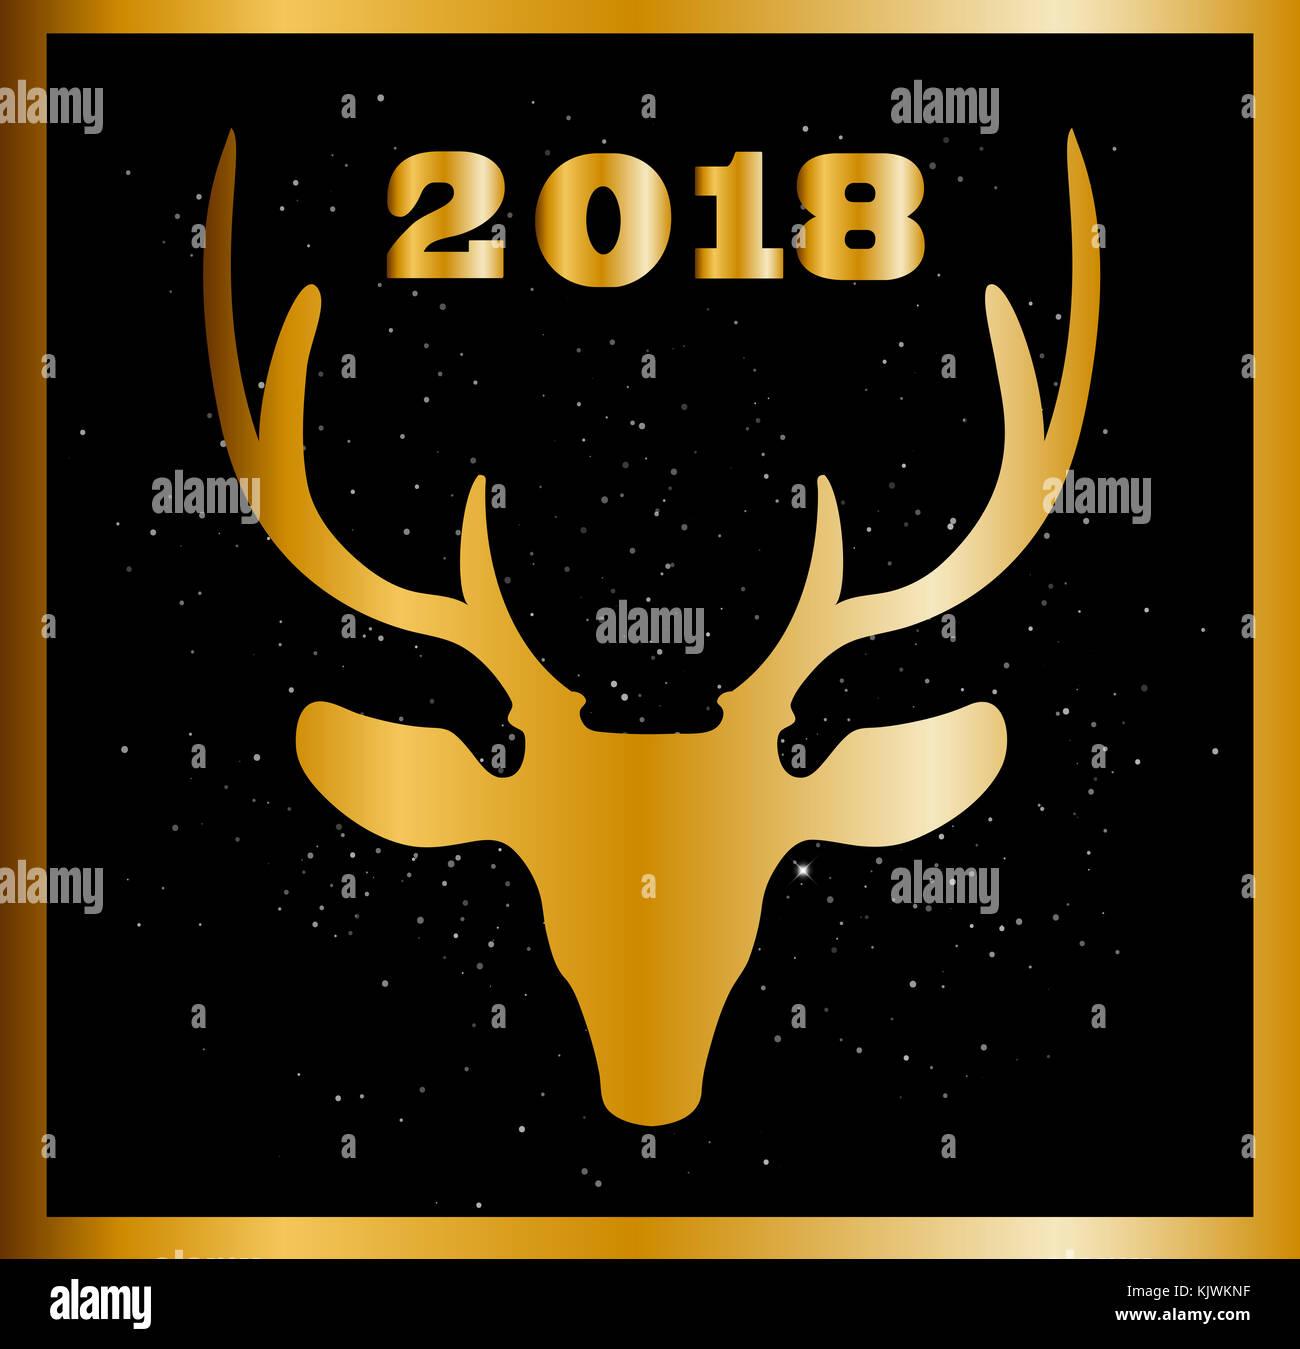 Elegante Weihnachten oder Neujahr Karte mit goldenen raindeer Kopf ...